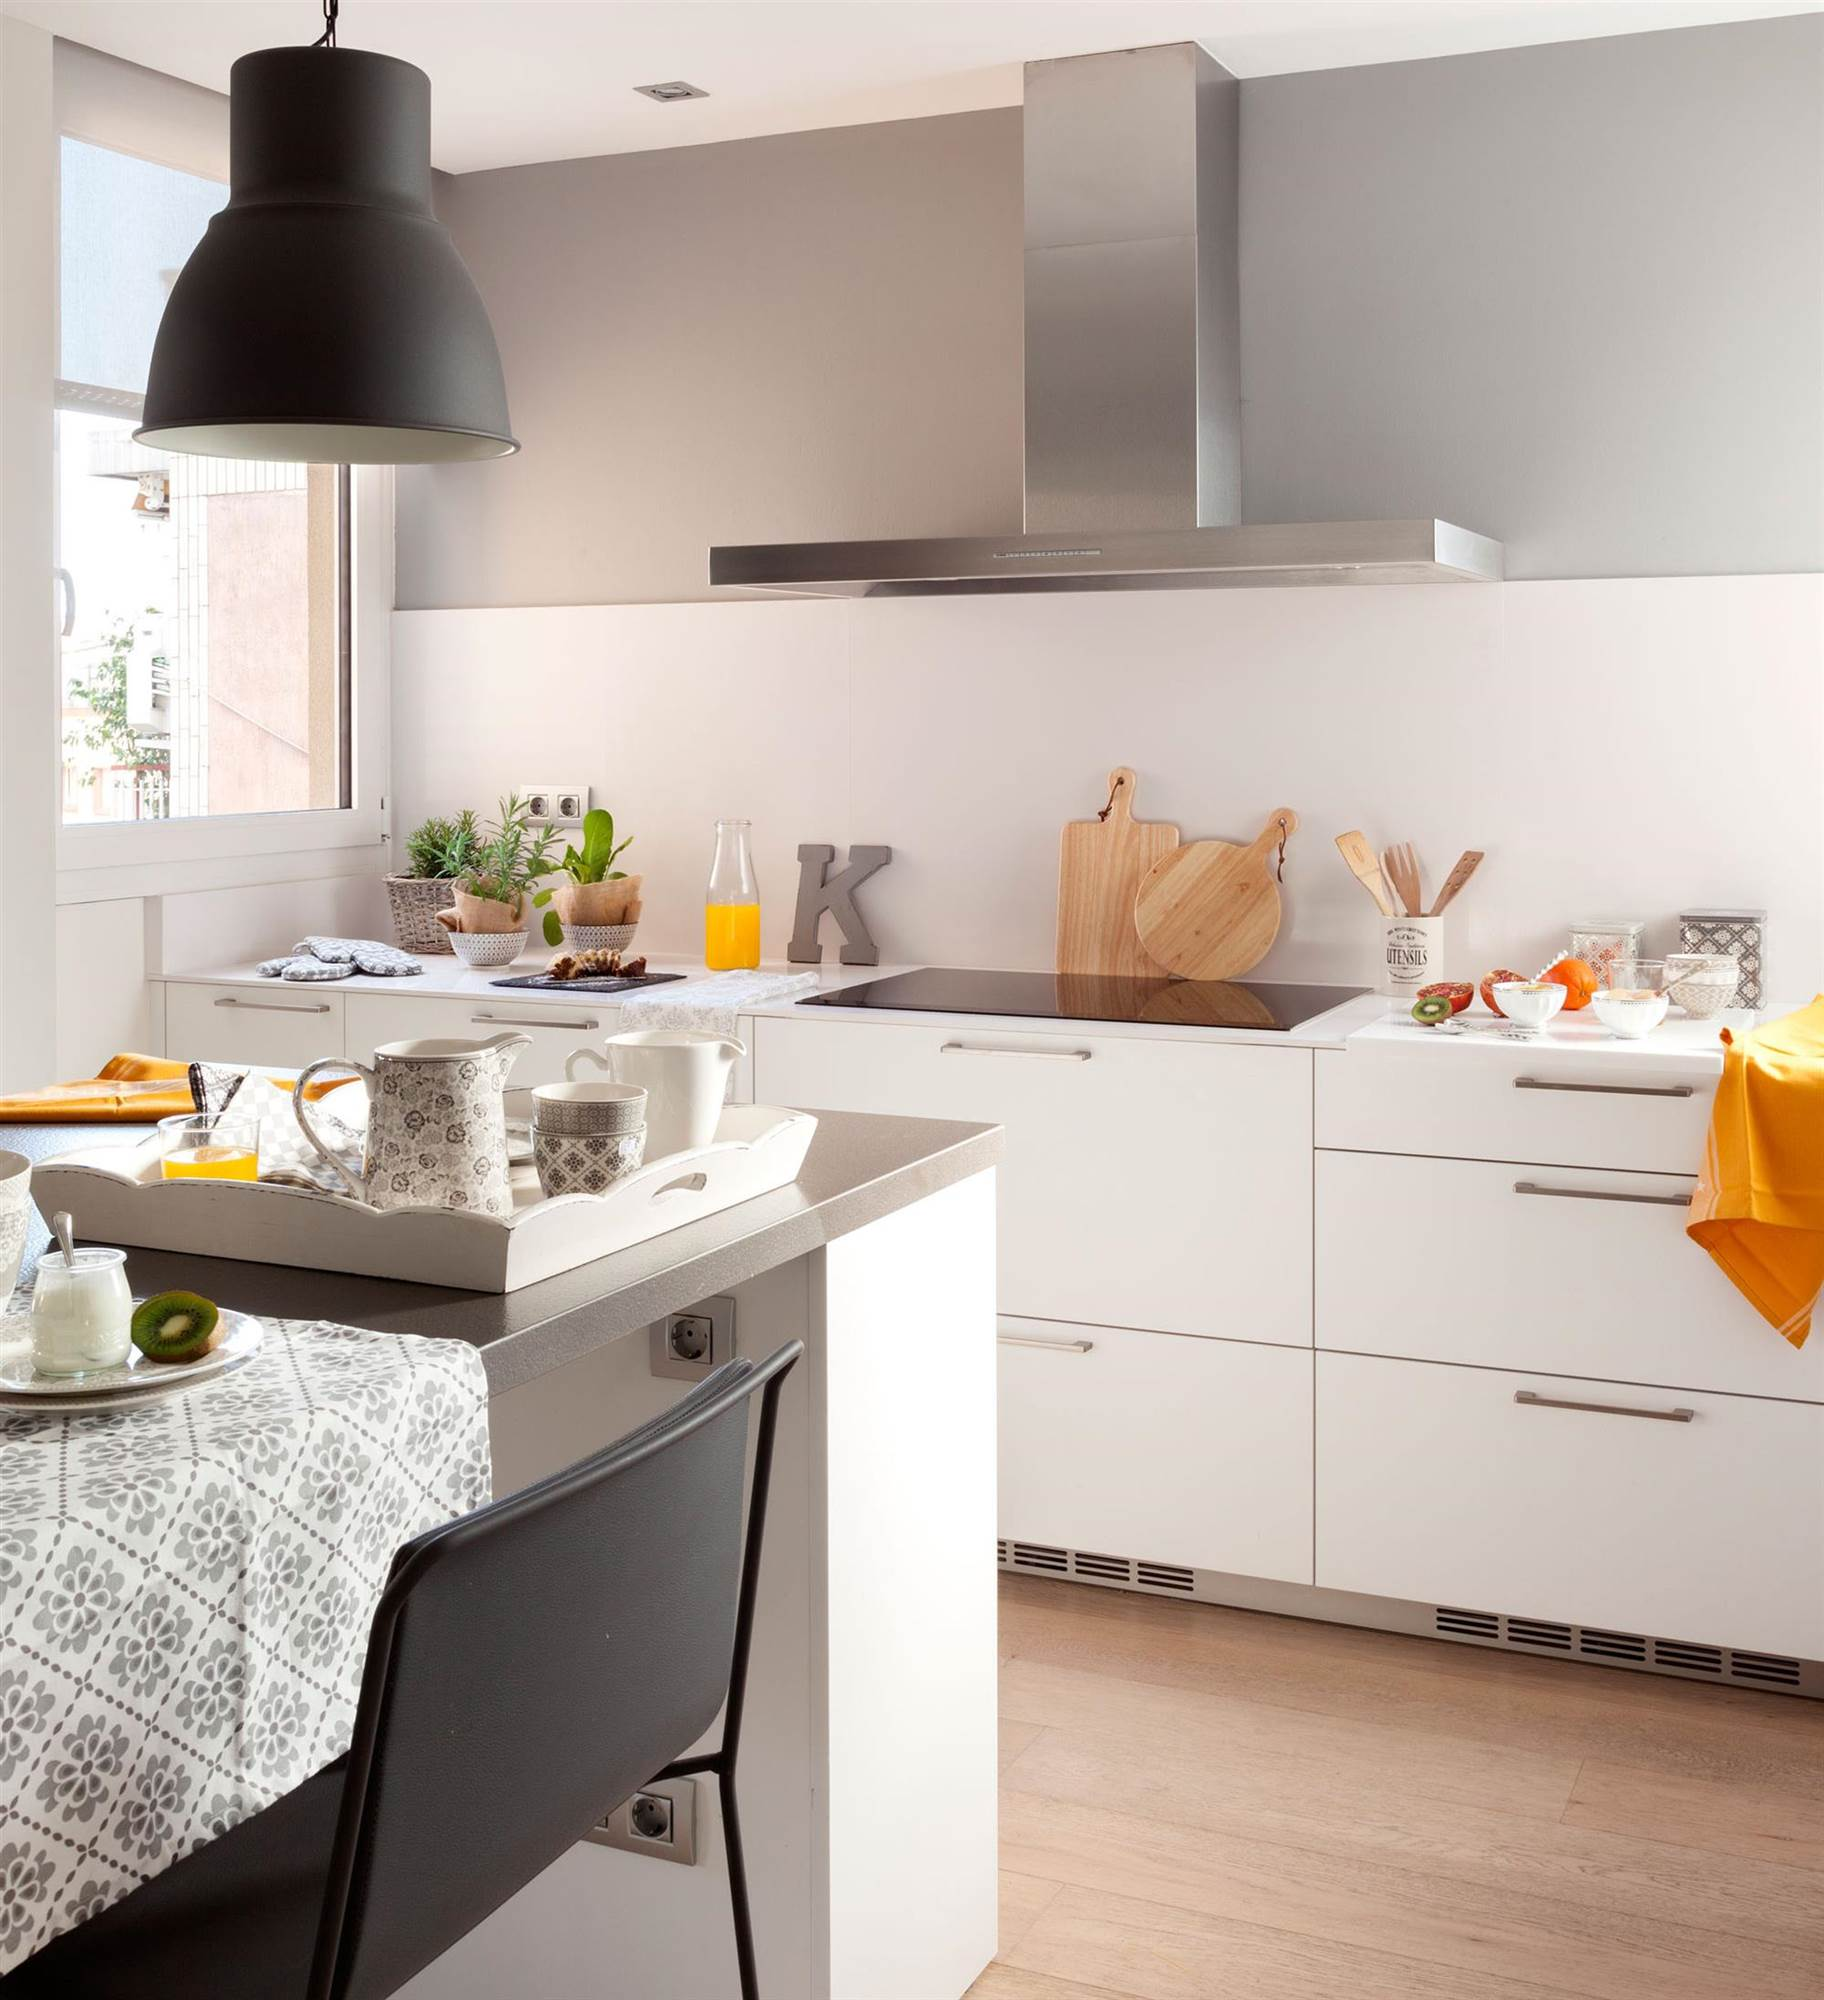 Encimeras de cocina materiales elegant encimeras de cocina materiales perfecto encimeras de - Material encimera cocina ...